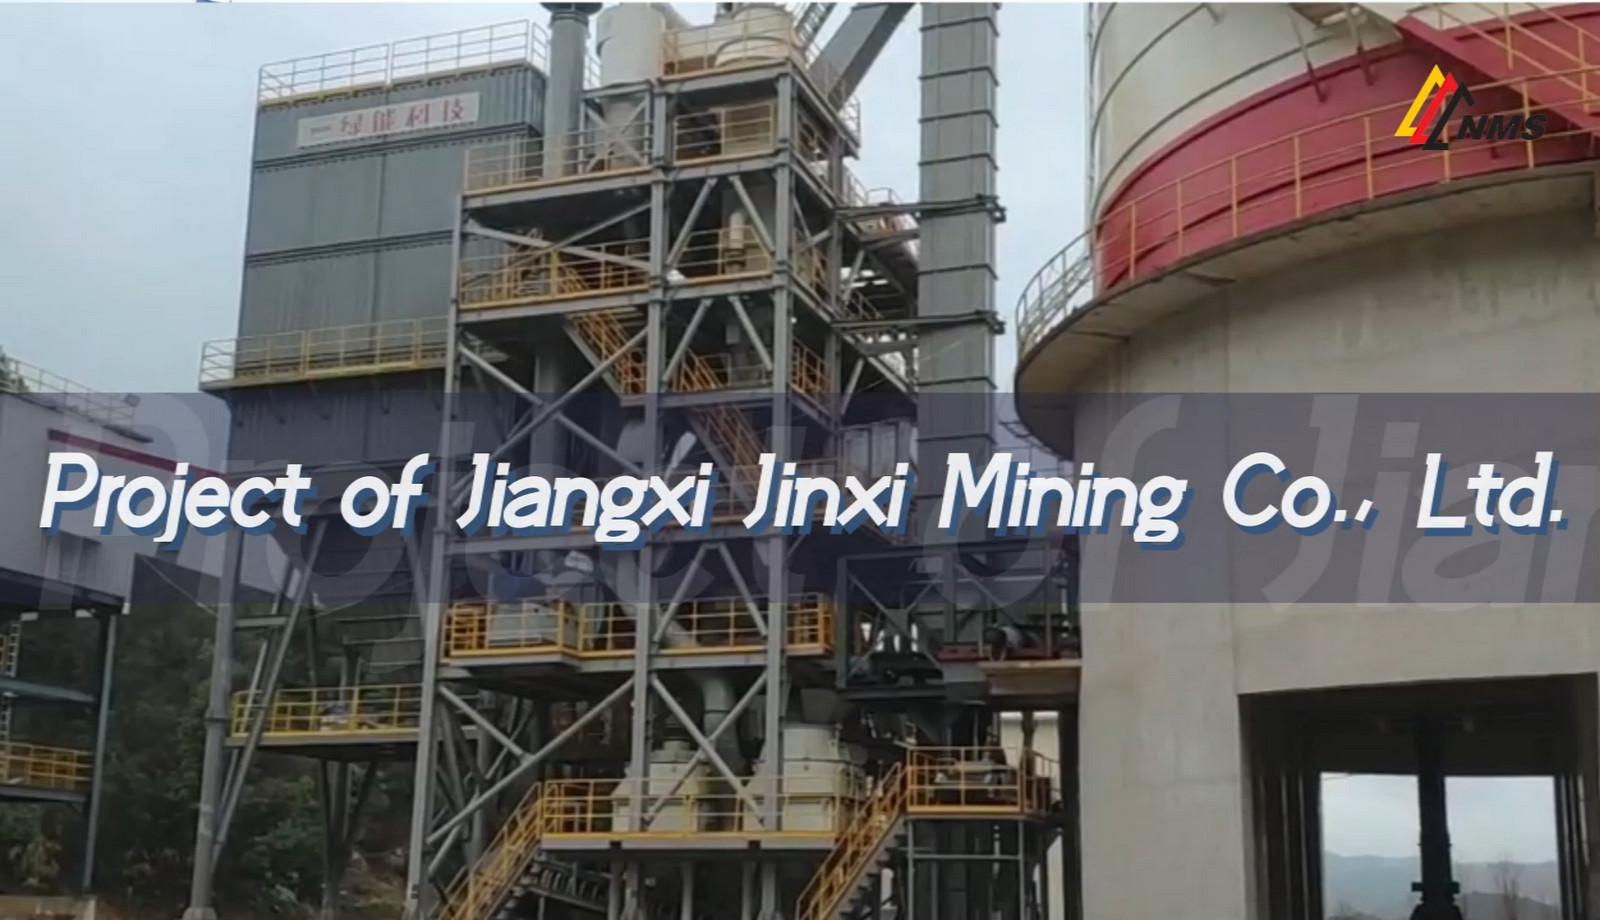 NMS Projcet of Jiangxi Jinxi Mining